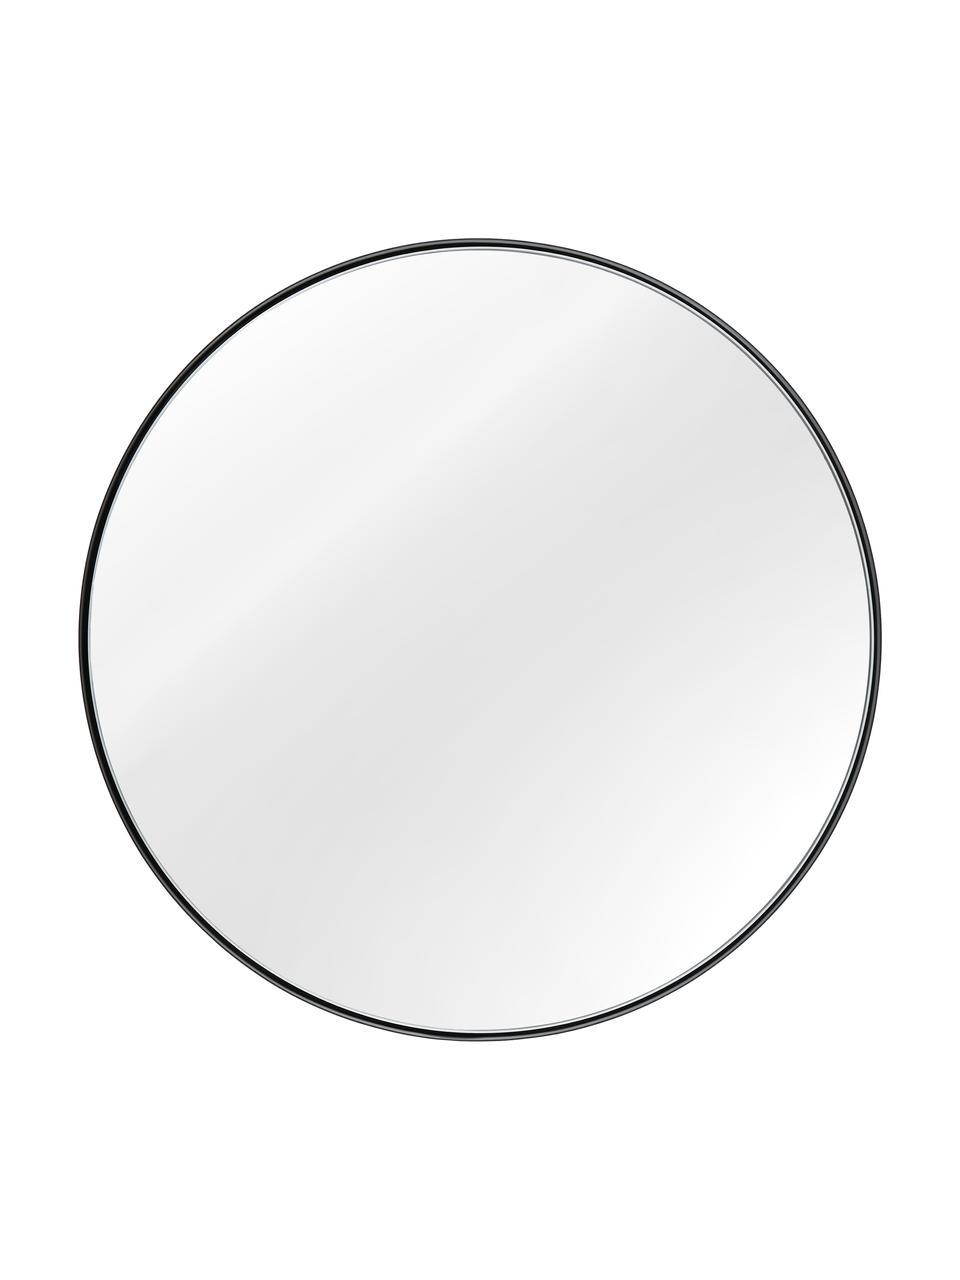 Okrągłe lustro ścienne Ivy, Czarny, Ø 40 cm